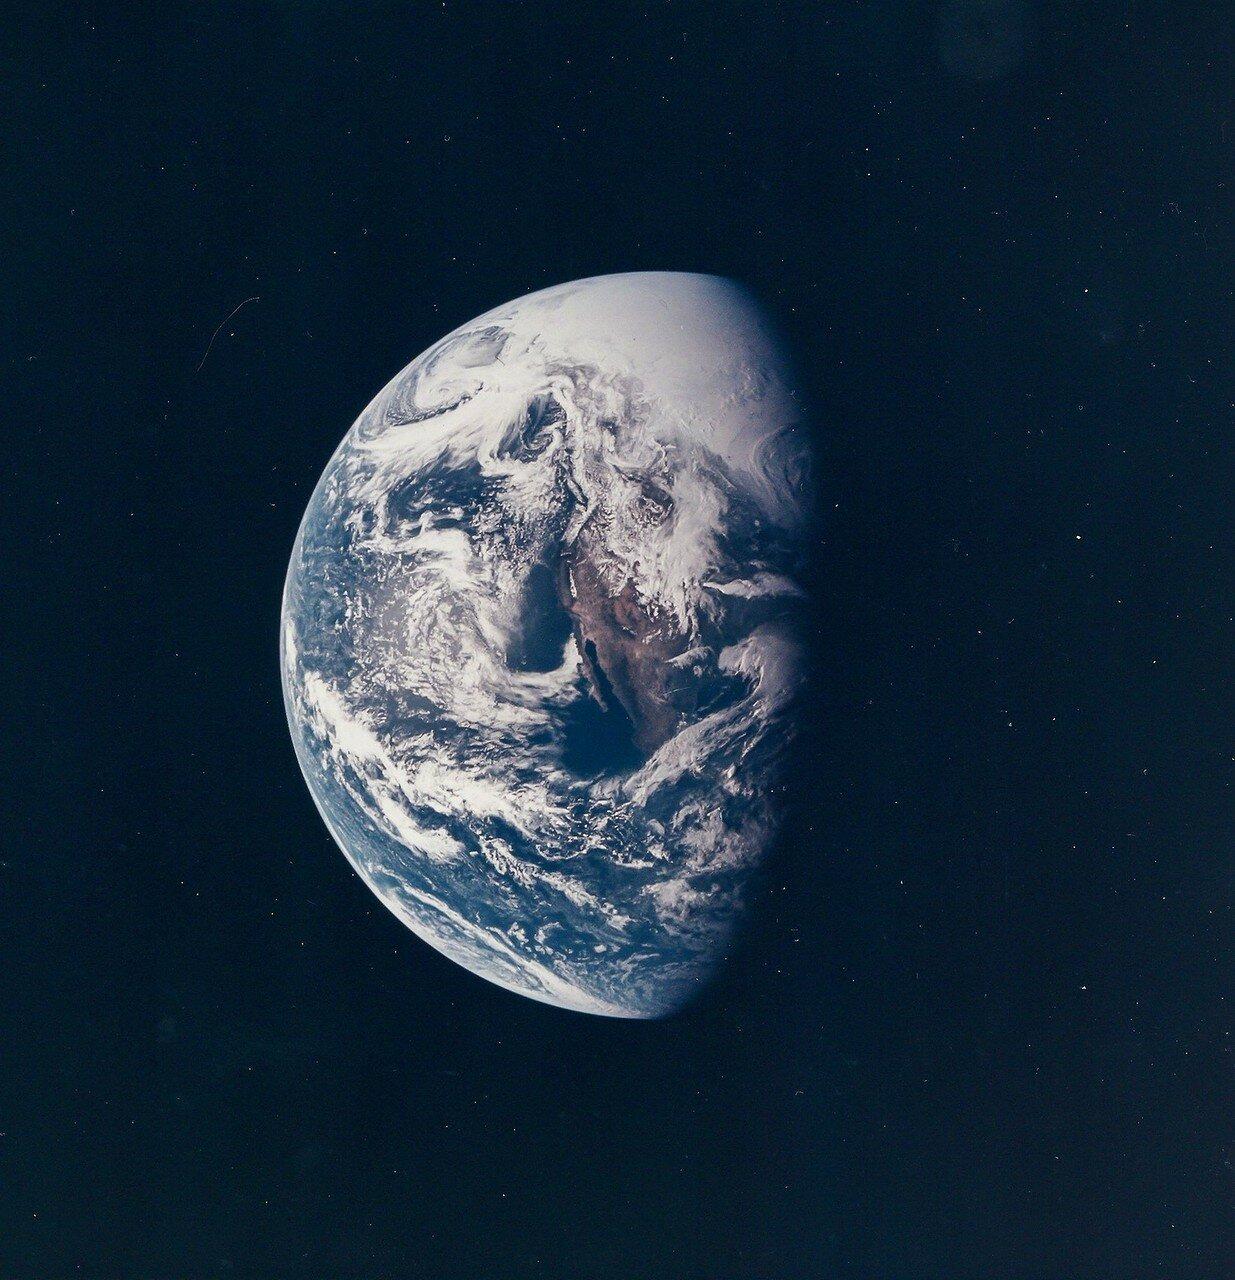 После выхода на орбиту ожидания экипаж «Аполлона-13» снял полетные скафандры и приступил к включению и тестированию всех систем корабля. Тестирование прошло успешно. На снимке: Земля с борта Аполлона 13